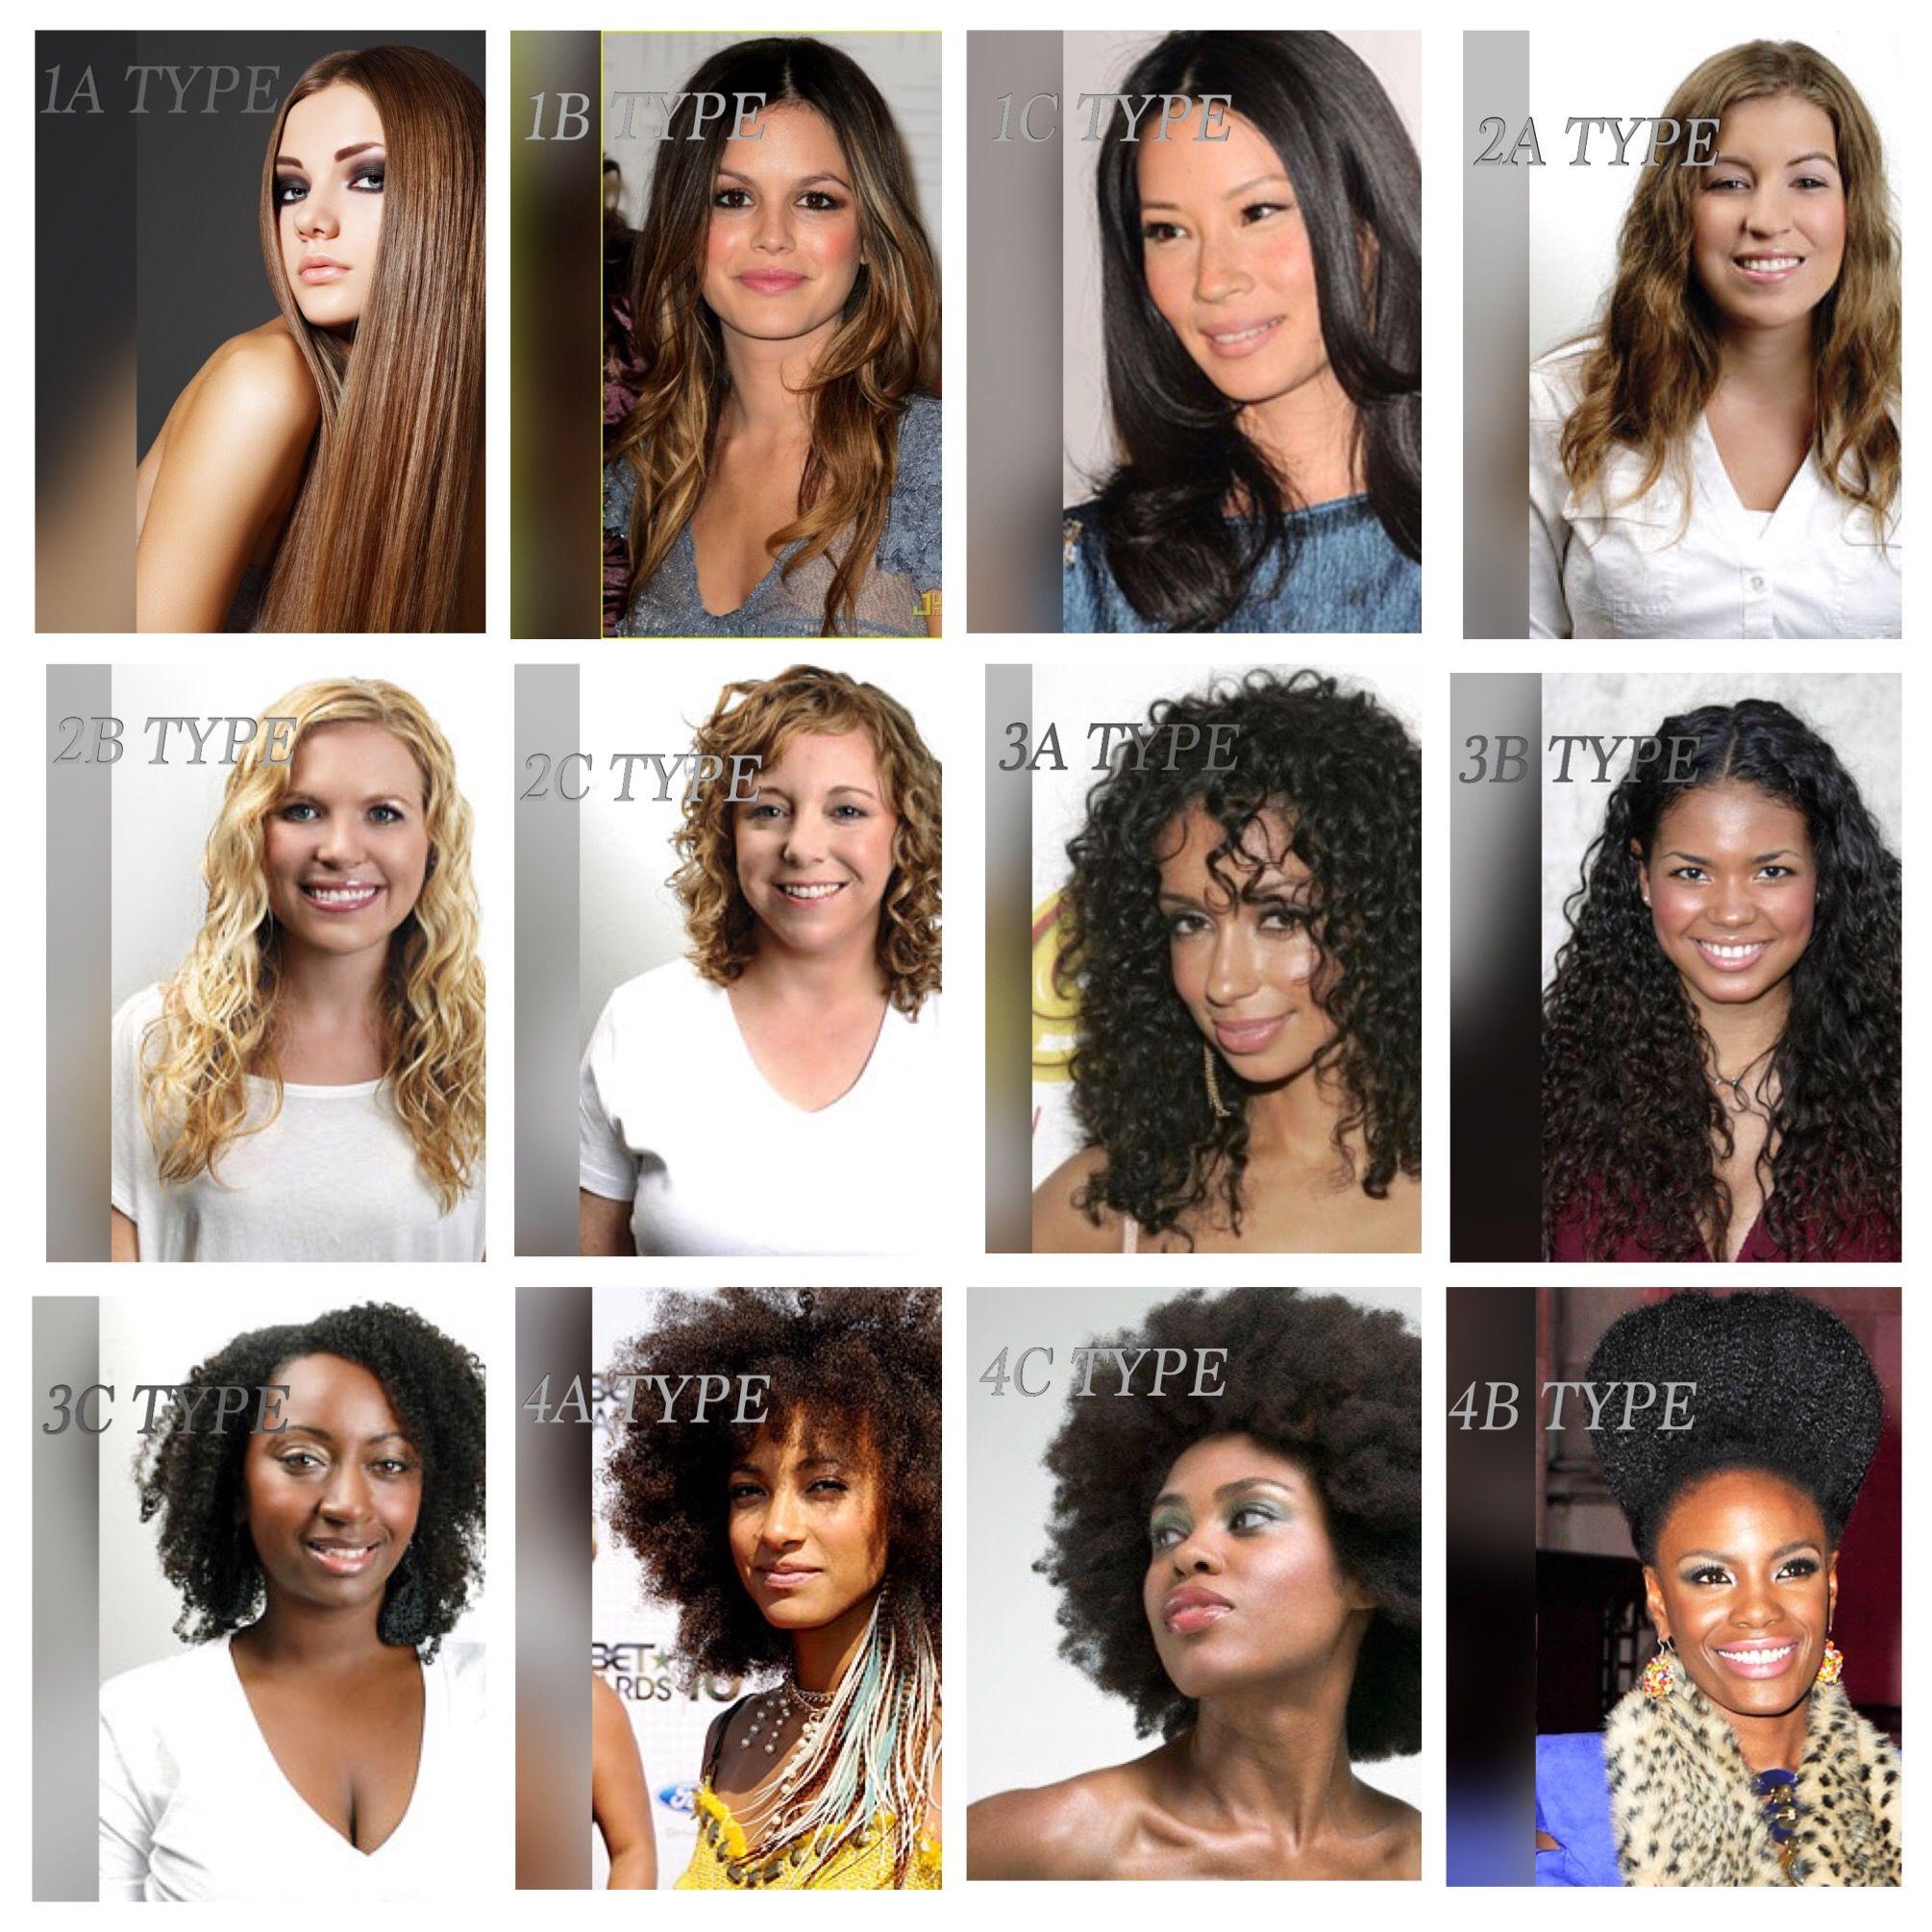 предназначен картинки разные типы волос скомпрометирована была